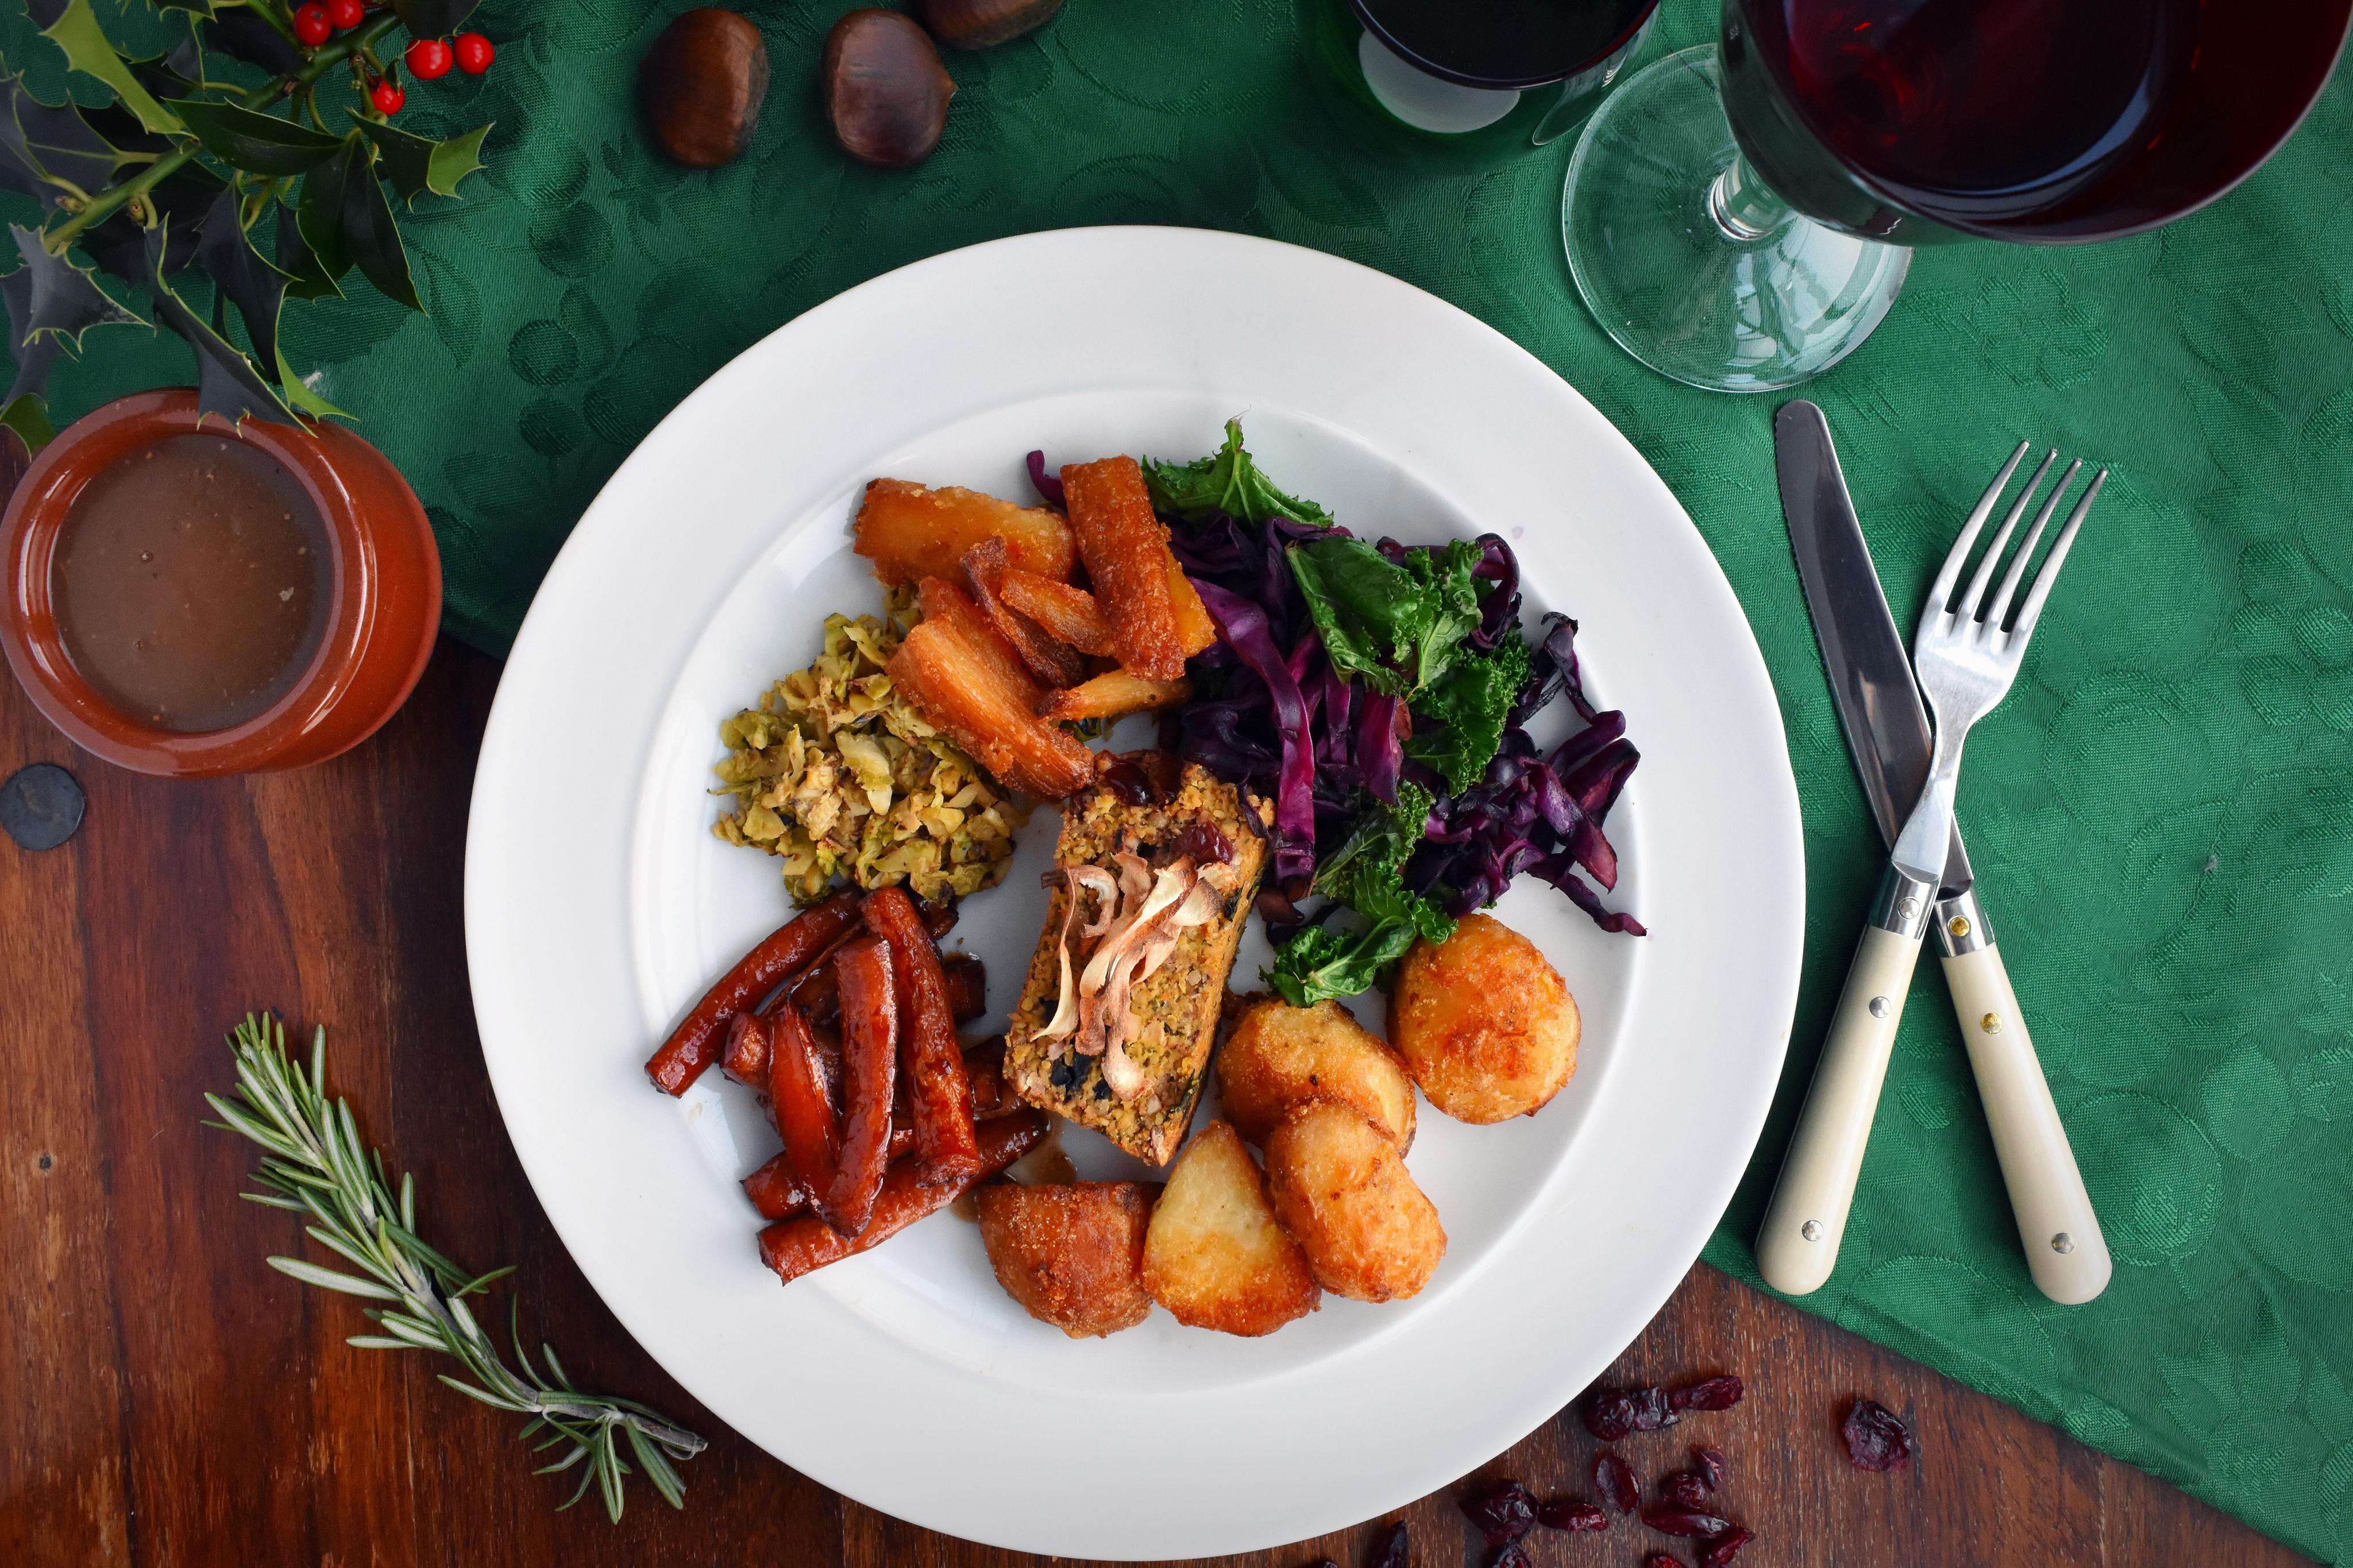 Roast Dinner Trimmings